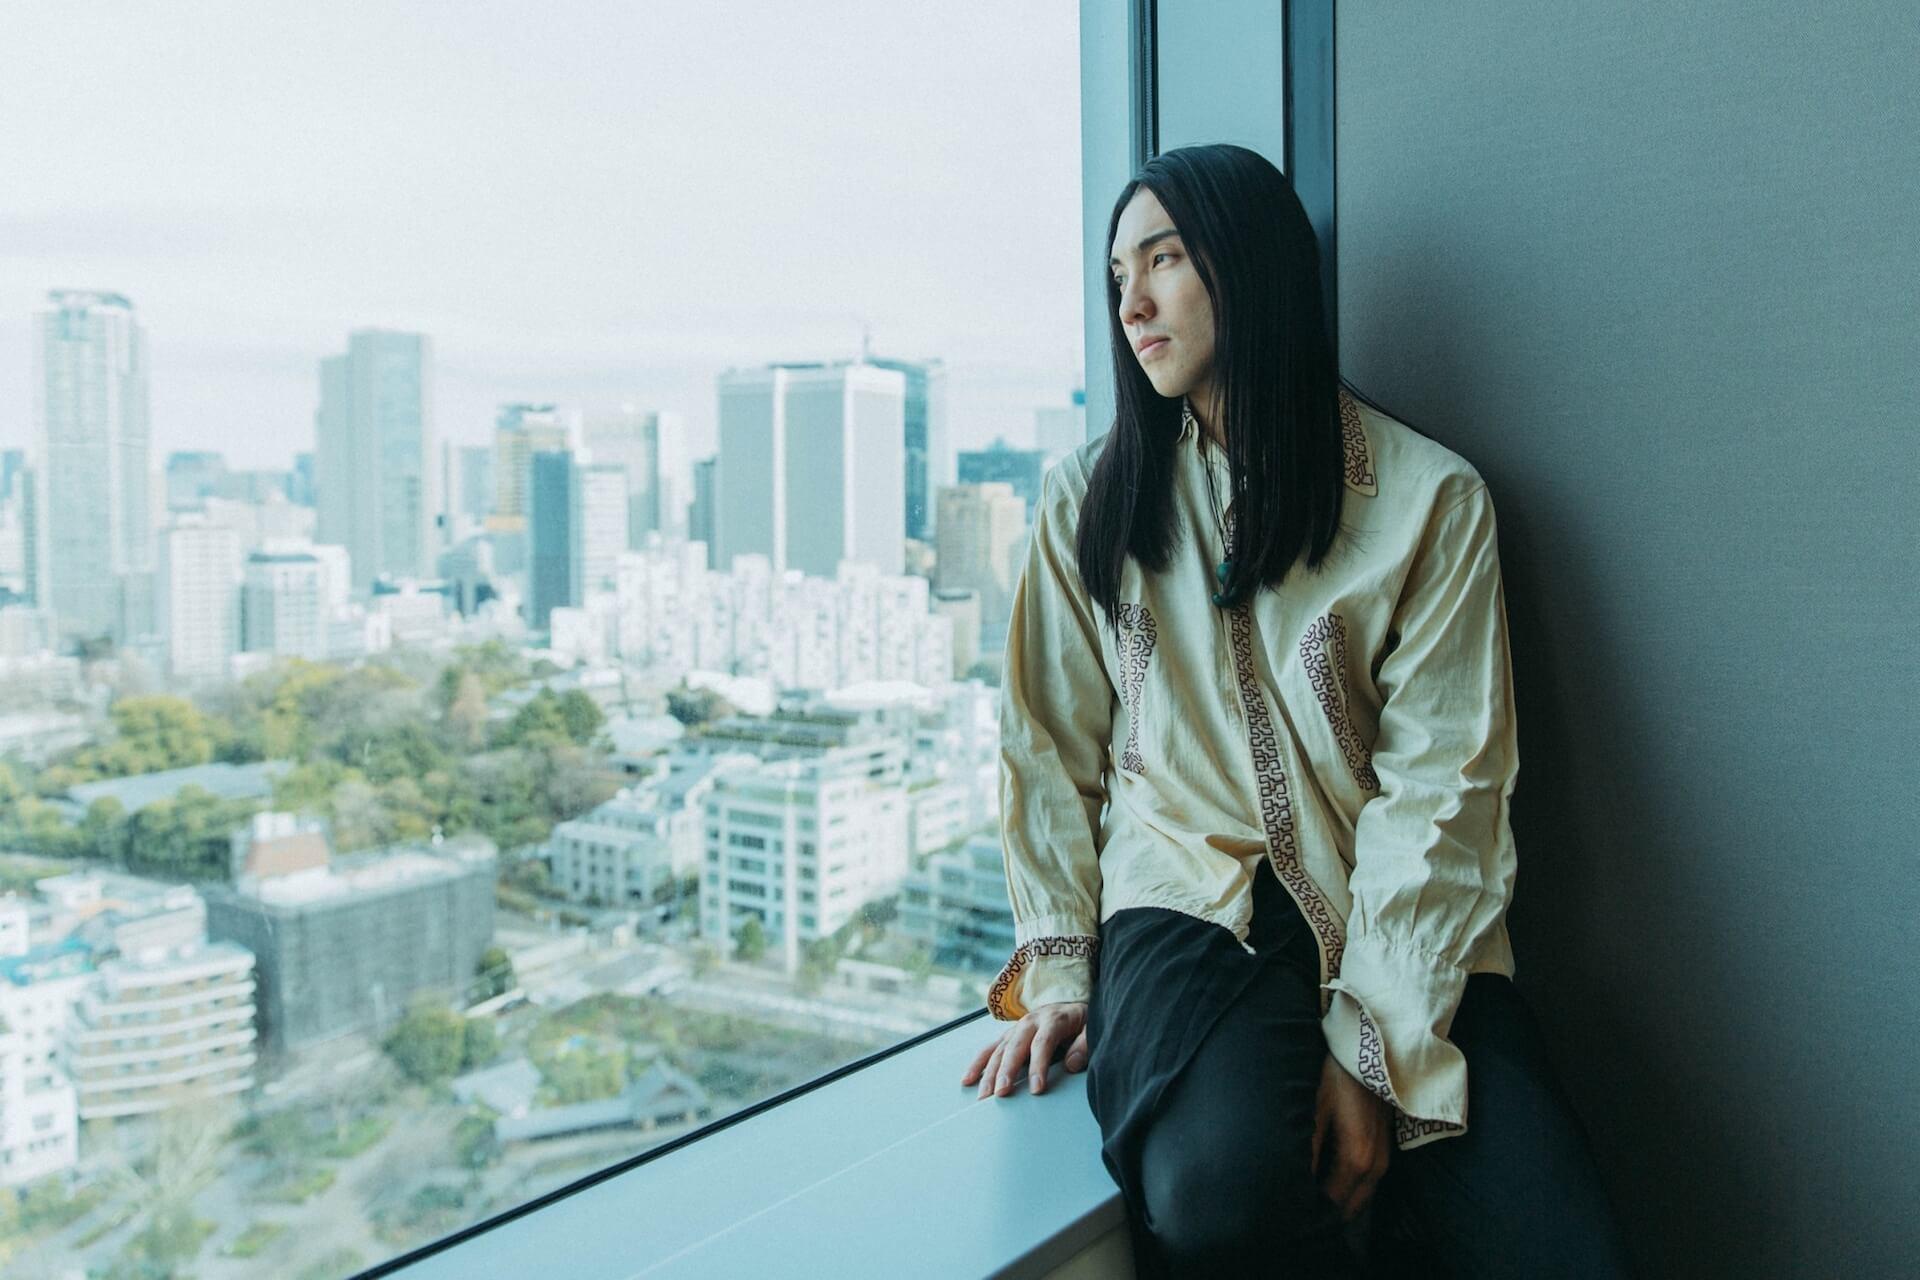 Seihoに訊く、内容非公開イベント「靉靆」とは? interview190214-seiho-3